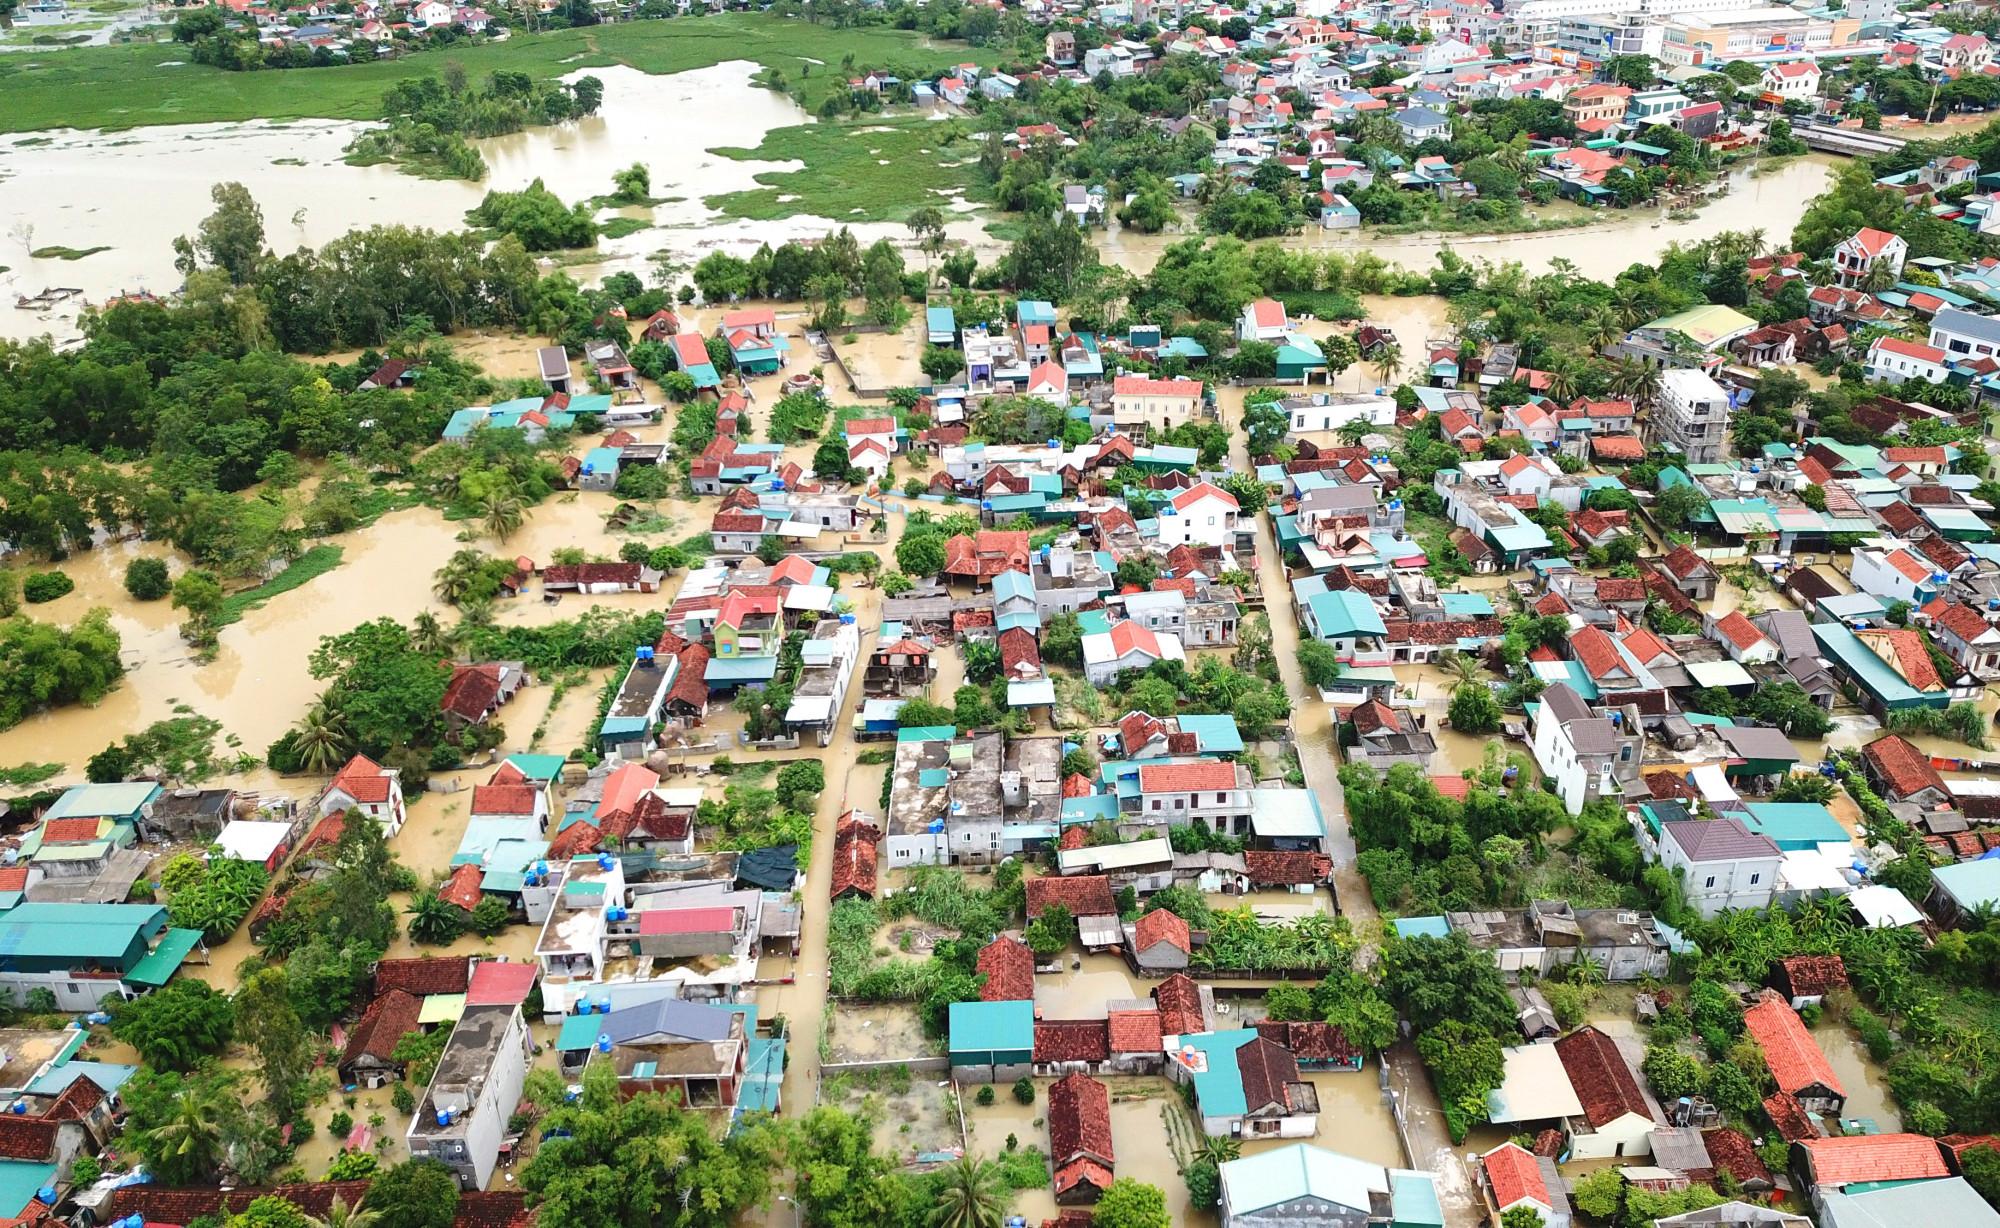 Đợt mưa với lưu lượng 582mm ghi nhận được tại huyện Quỳnh Lưu trong những ngày qua được xem là đợt mưa lớn nhất trong vòng 25 năm qua. Hàng ngàn ngôi nhà bị ngập nước, trong đó nhiều nơi bị ngập sâu trên 1m đã khiến cuộc sống người dân bị đảo lộn.